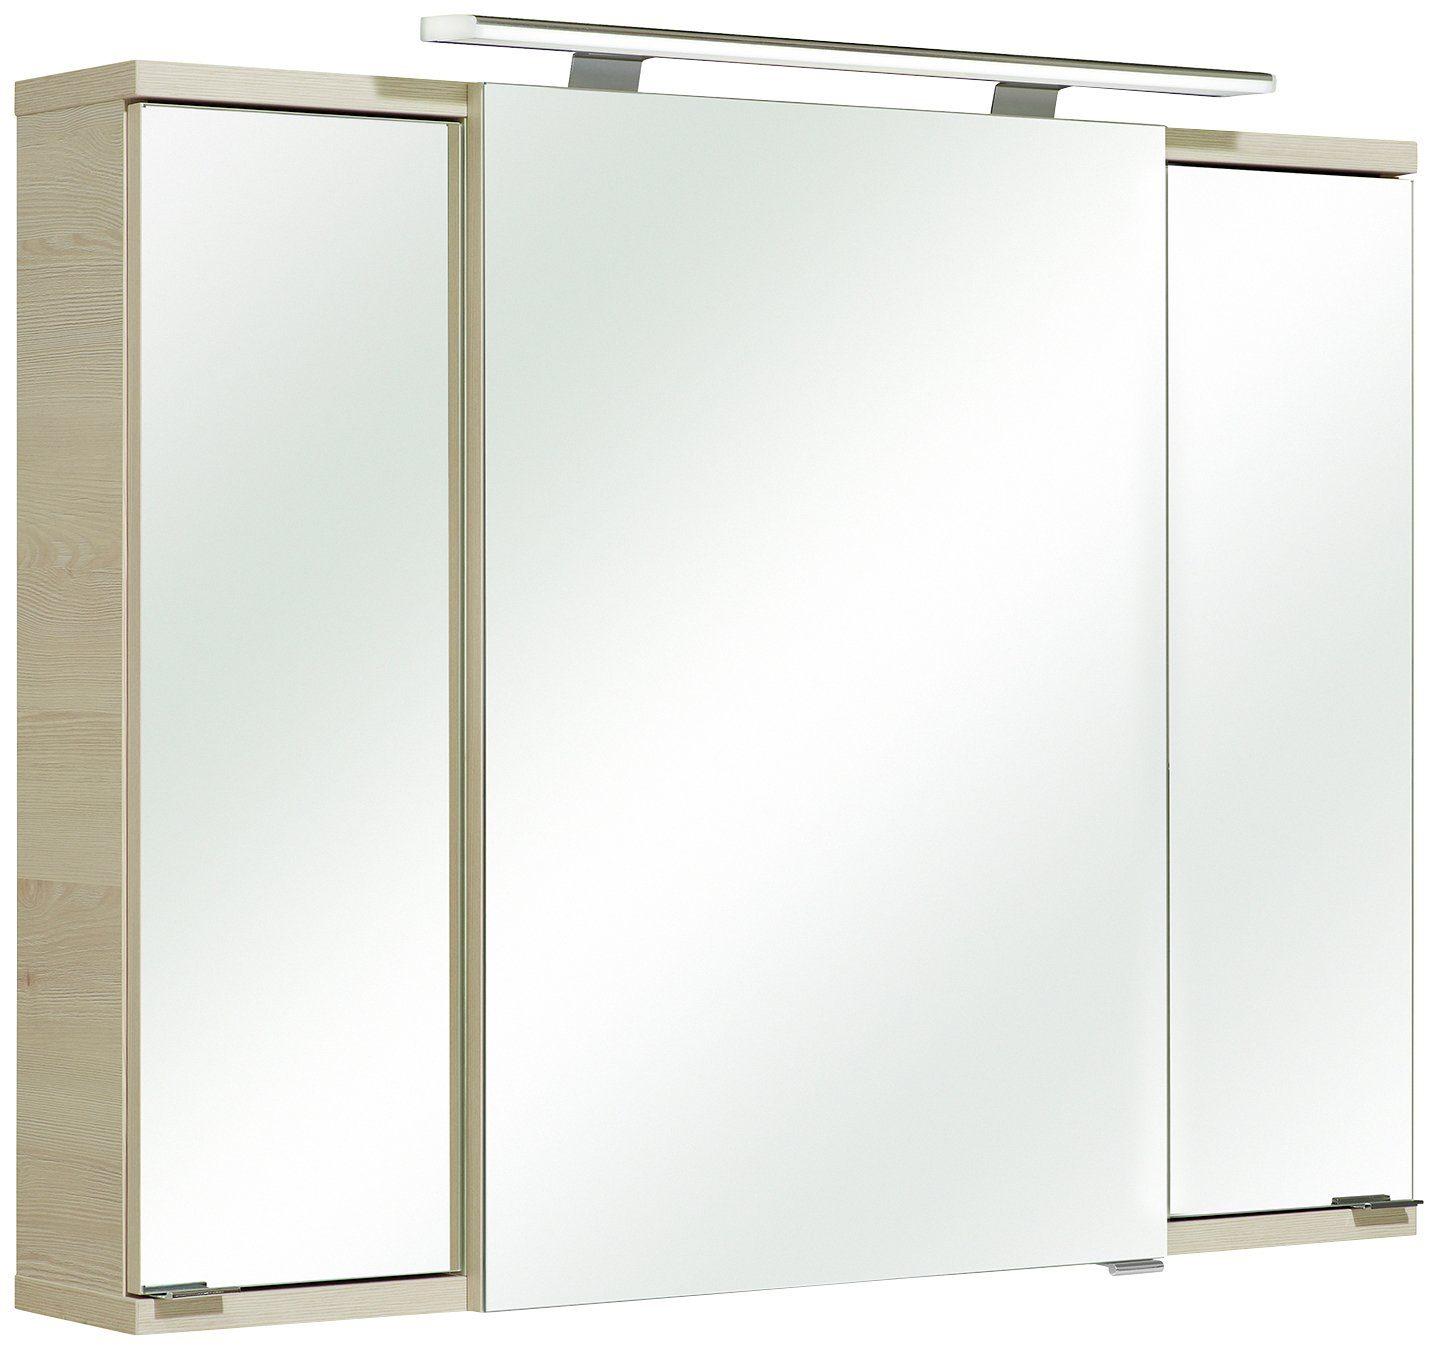 PELIPAL Spiegelschrank »Fresh Line Pino: Spiegelschrank «, Breite: 100 cm